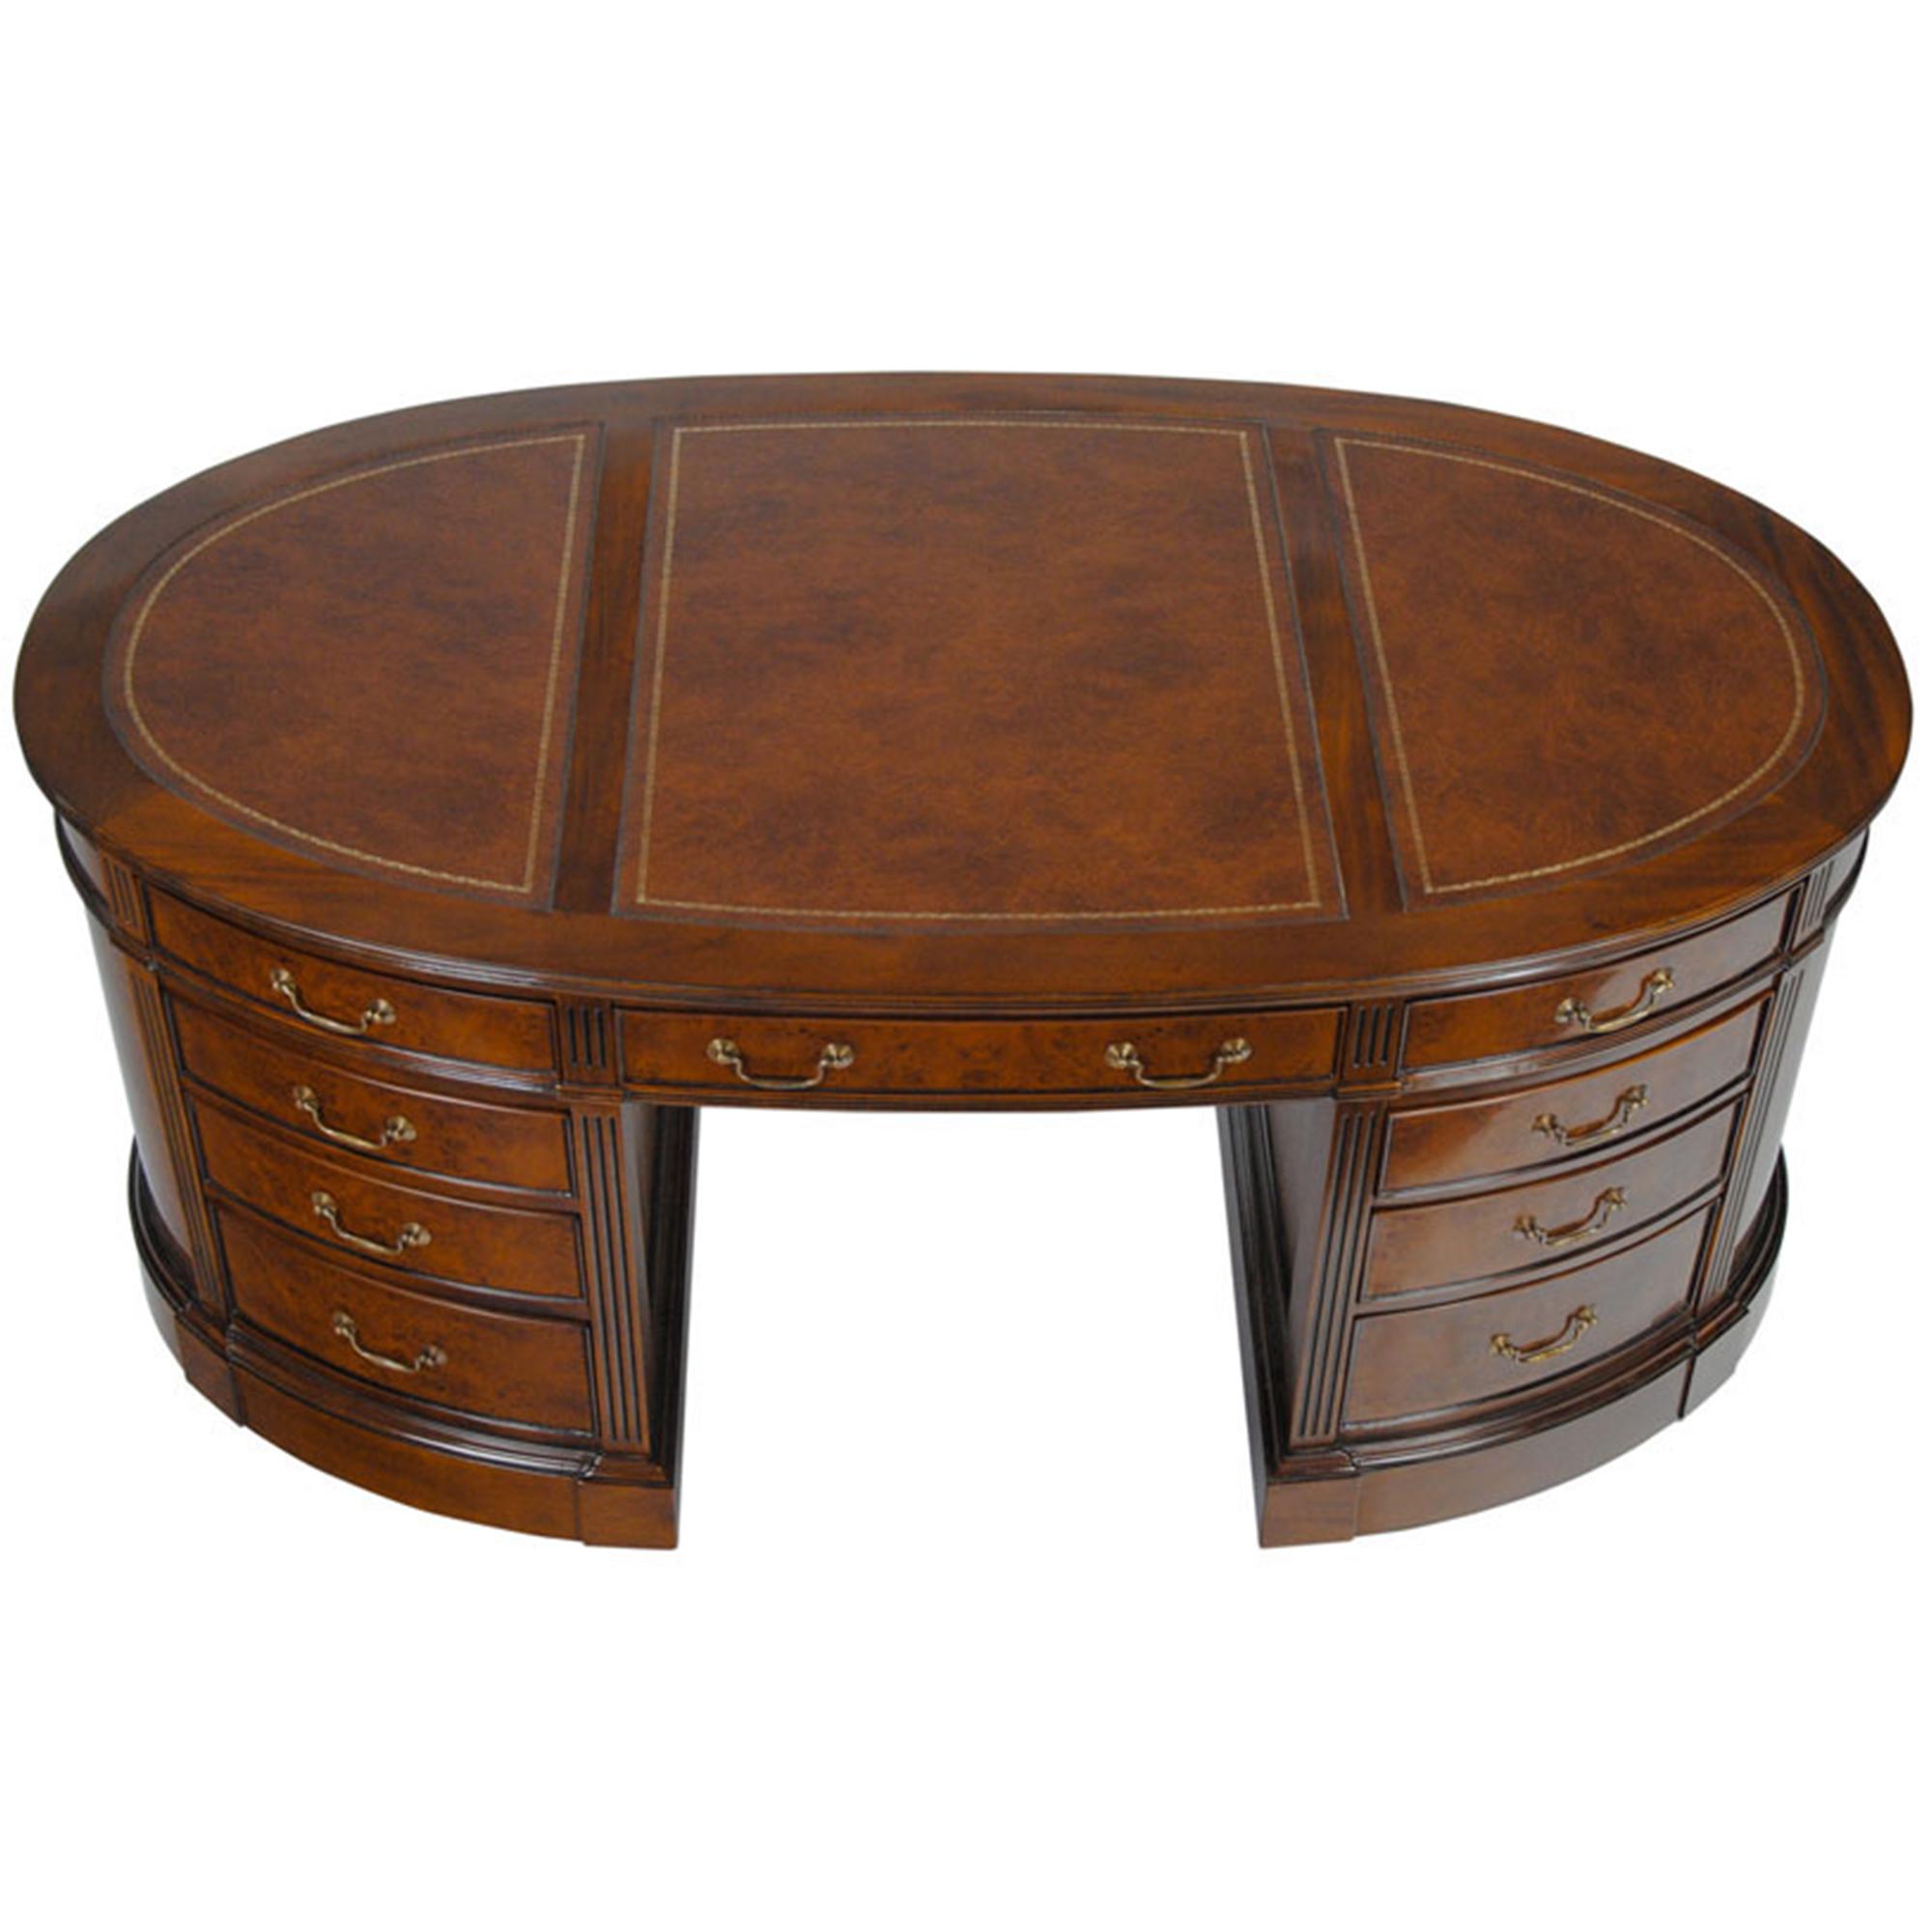 Burled Oval Partners Desk Niagara Furniture Leather Top Desk